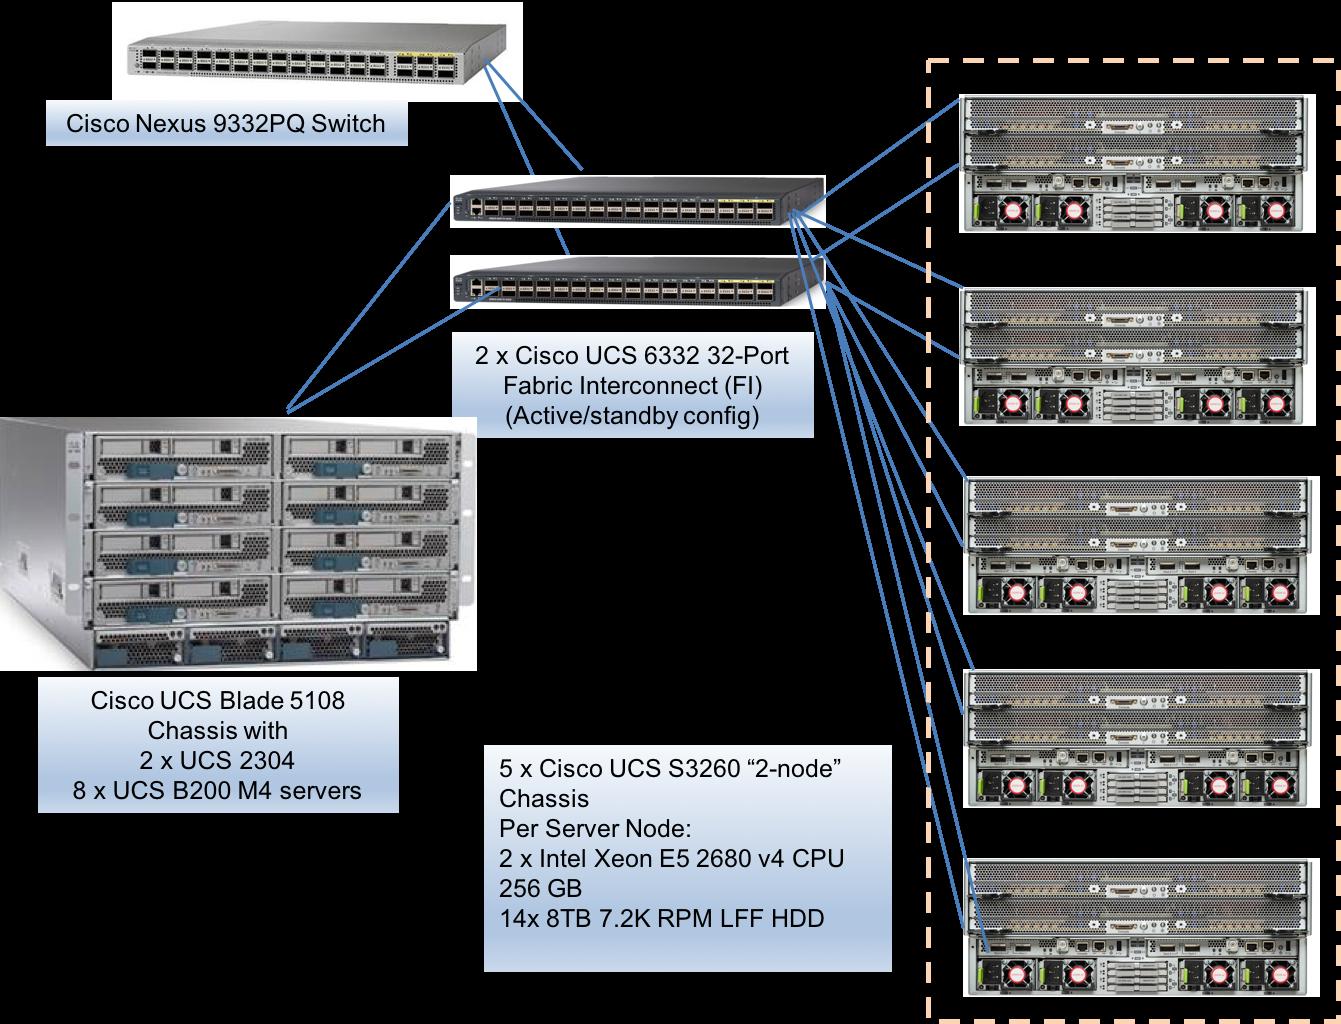 SPEC SFS®2014_vda Result: Cisco Systems Inc  - Cisco UCS